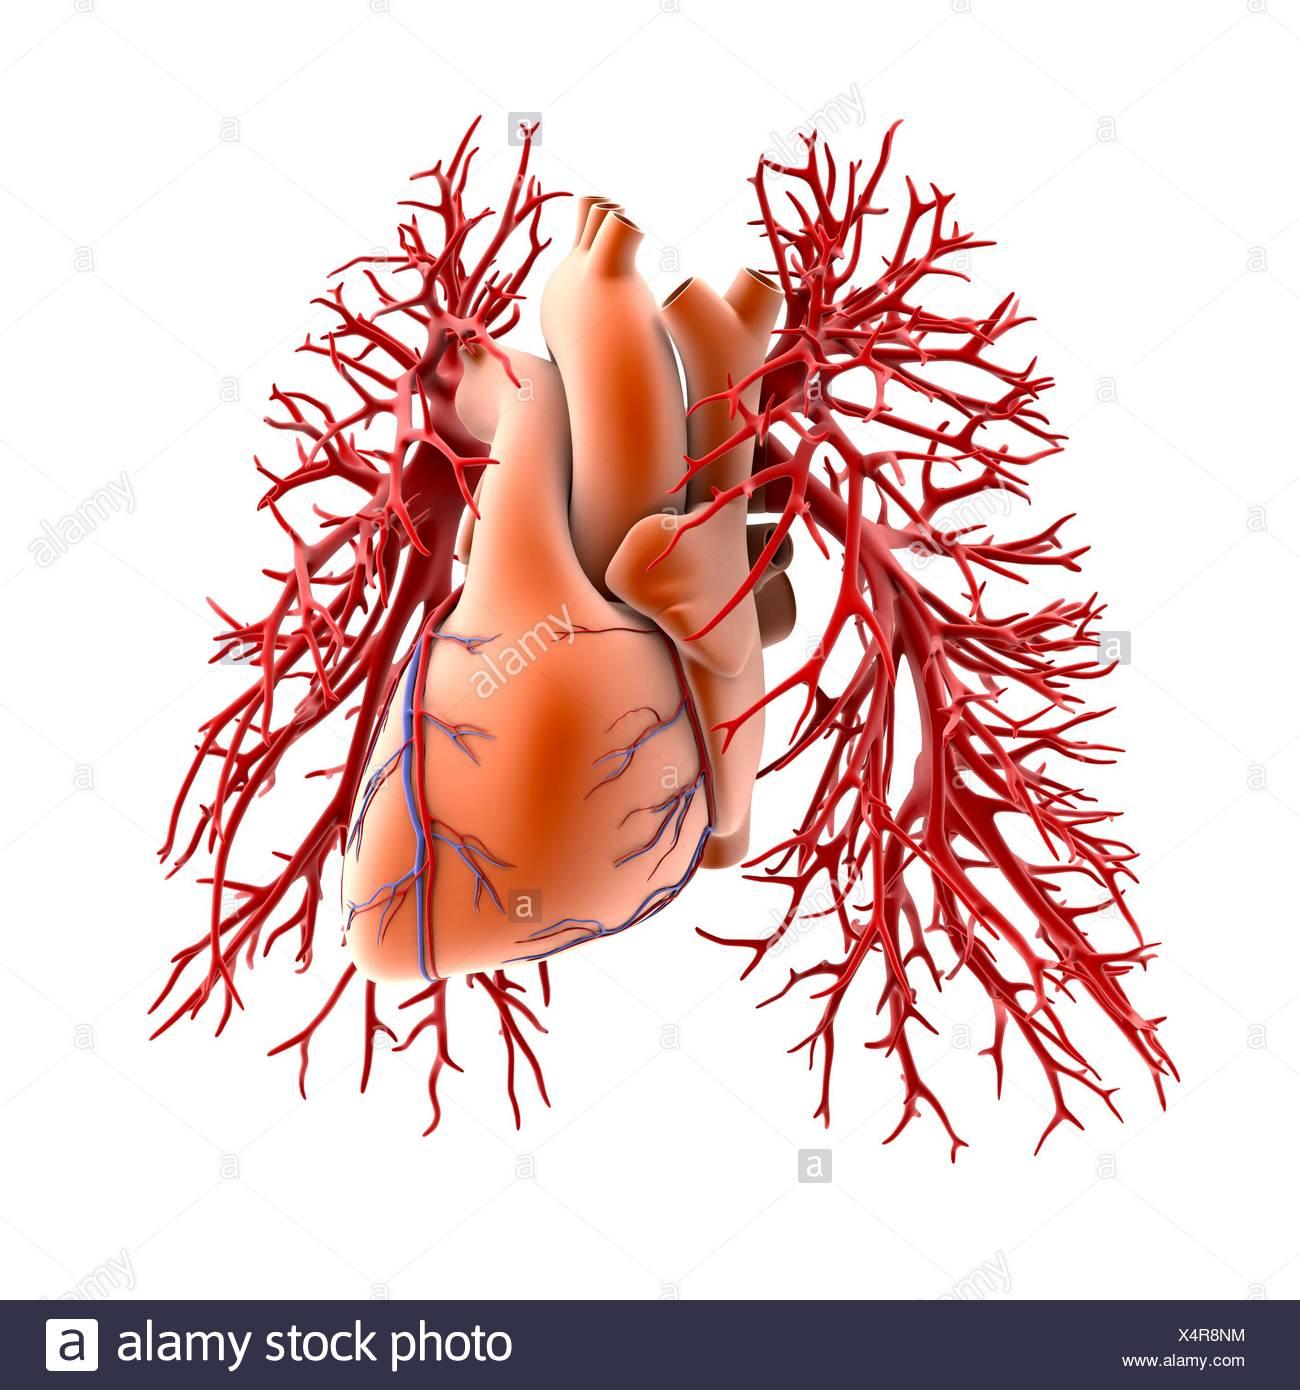 Herz-Kreislauf-System von Herz und Lunge, Computer Artwork. Das Herz ...